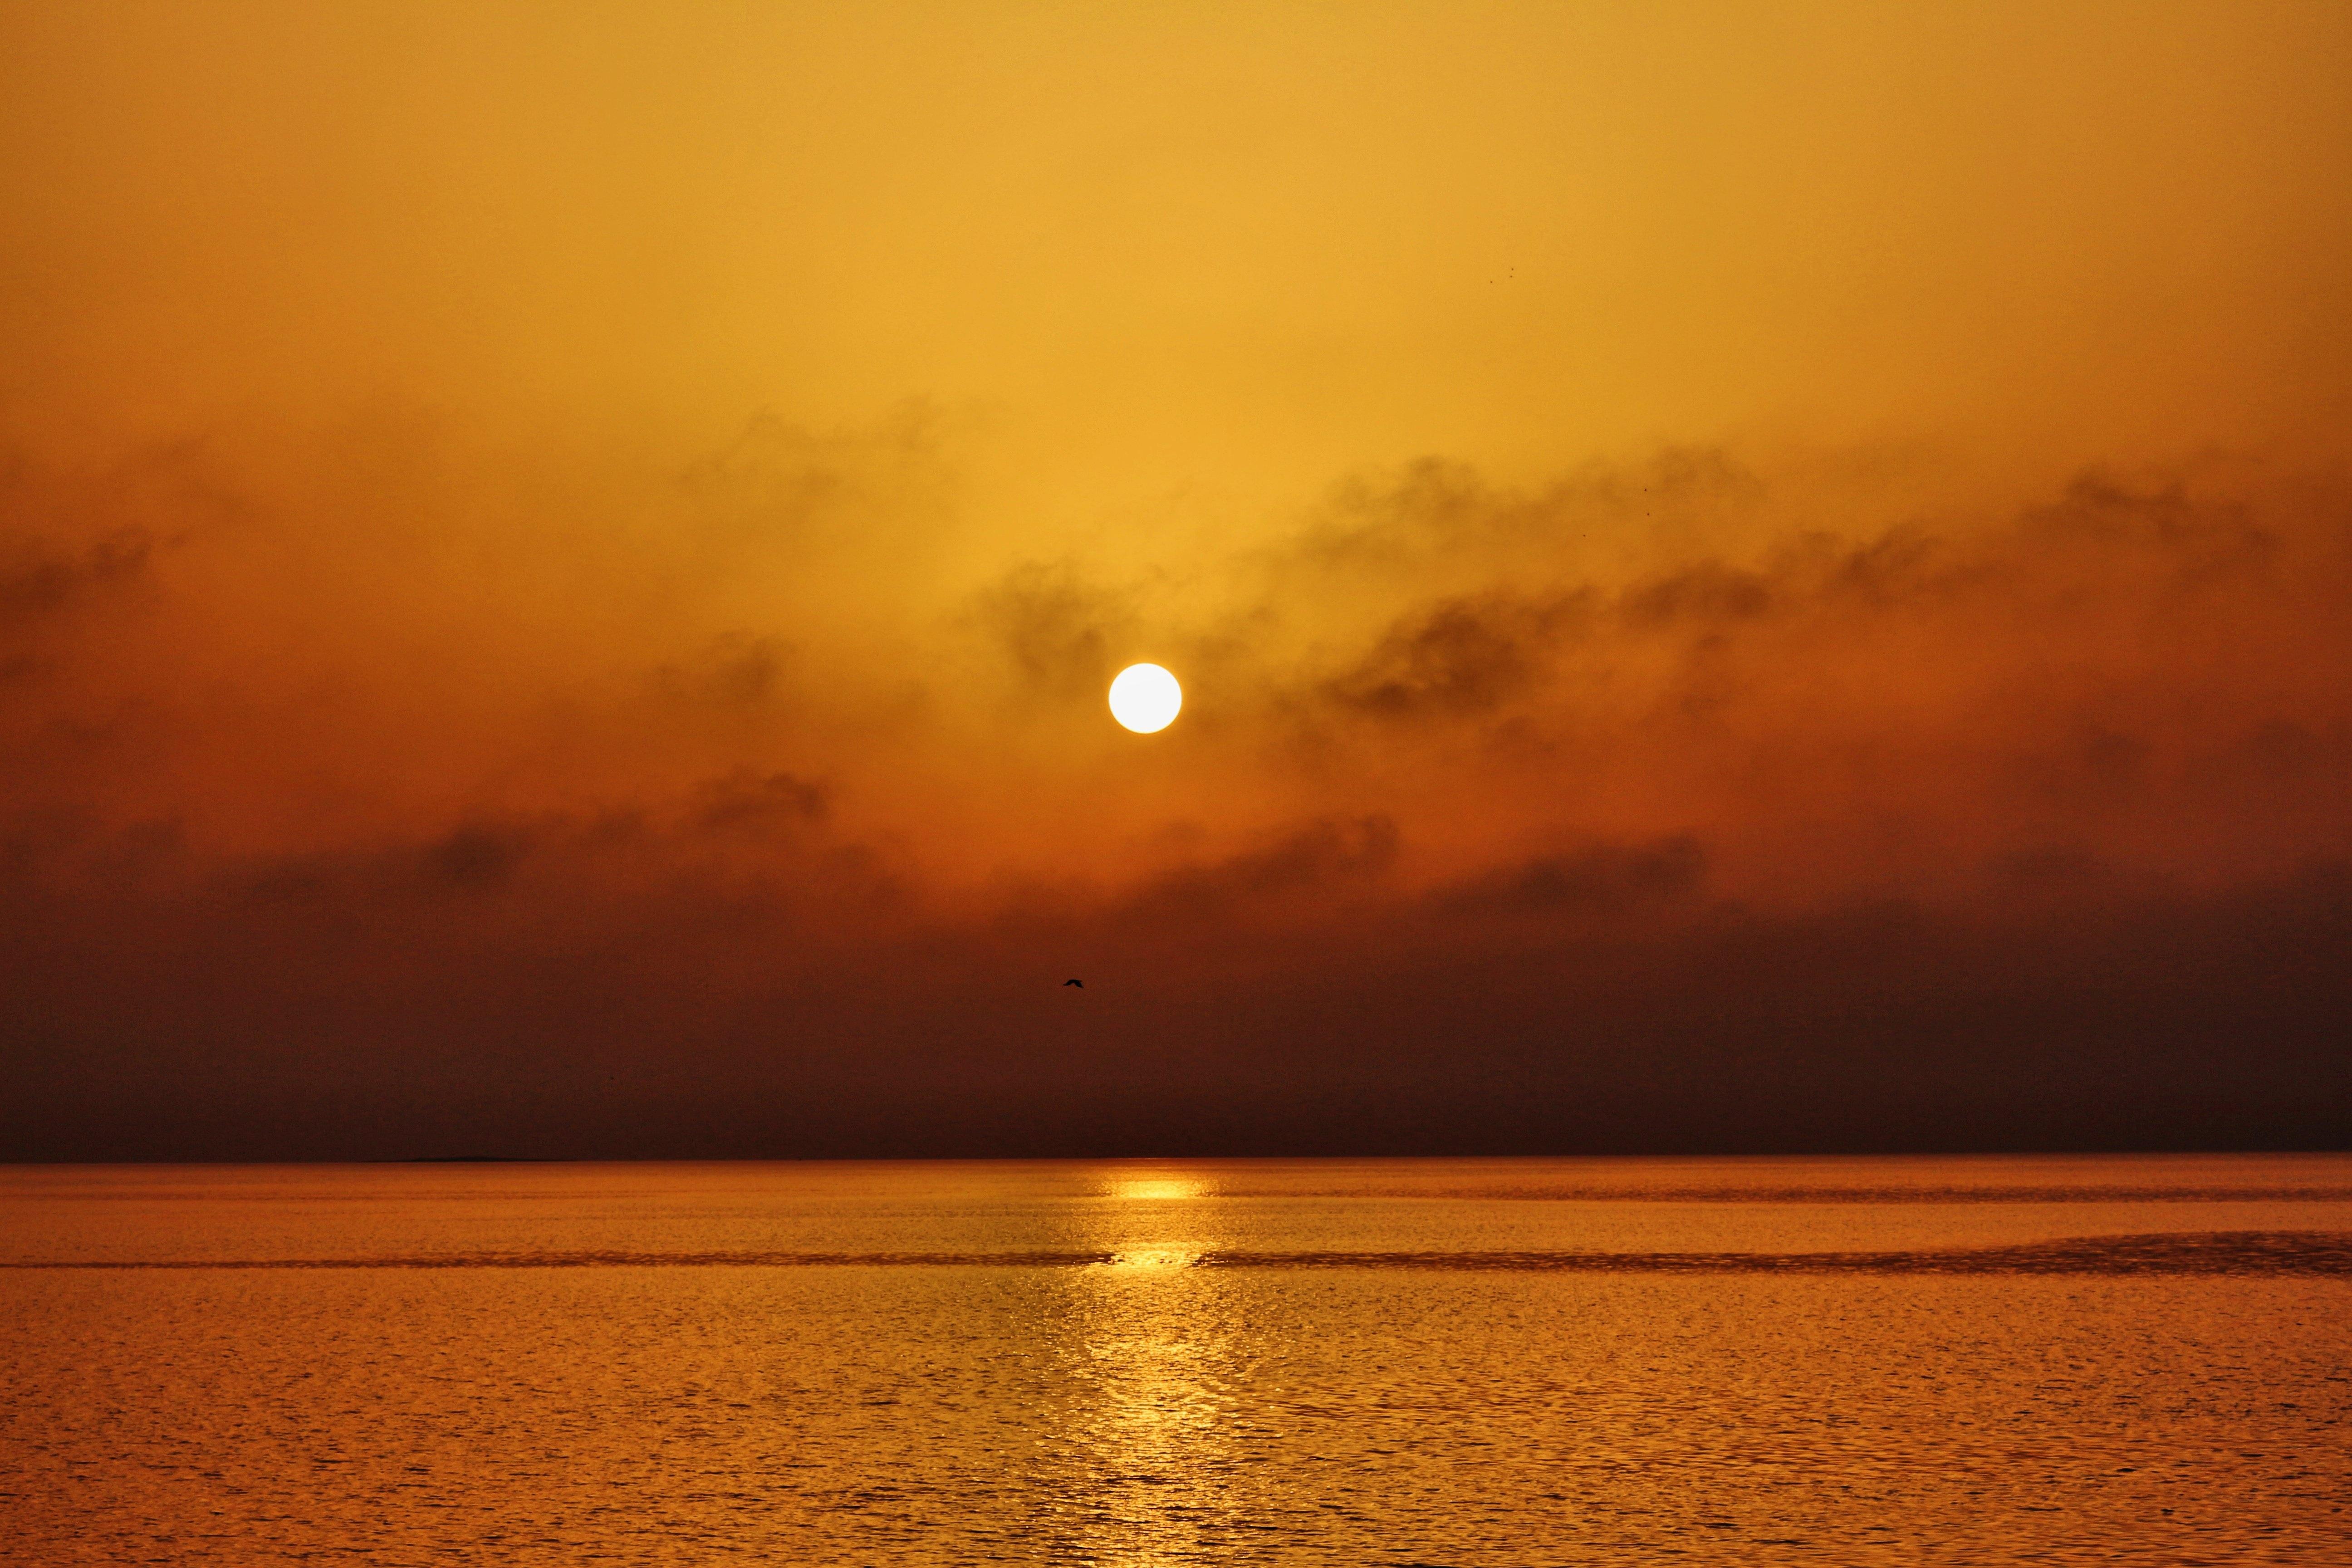 無料画像 : ビーチ, 風景, 海岸, 水, 自然, 海洋, 地平線, 雲, 空, 日光, 日の出, 日没, 太陽光 ...